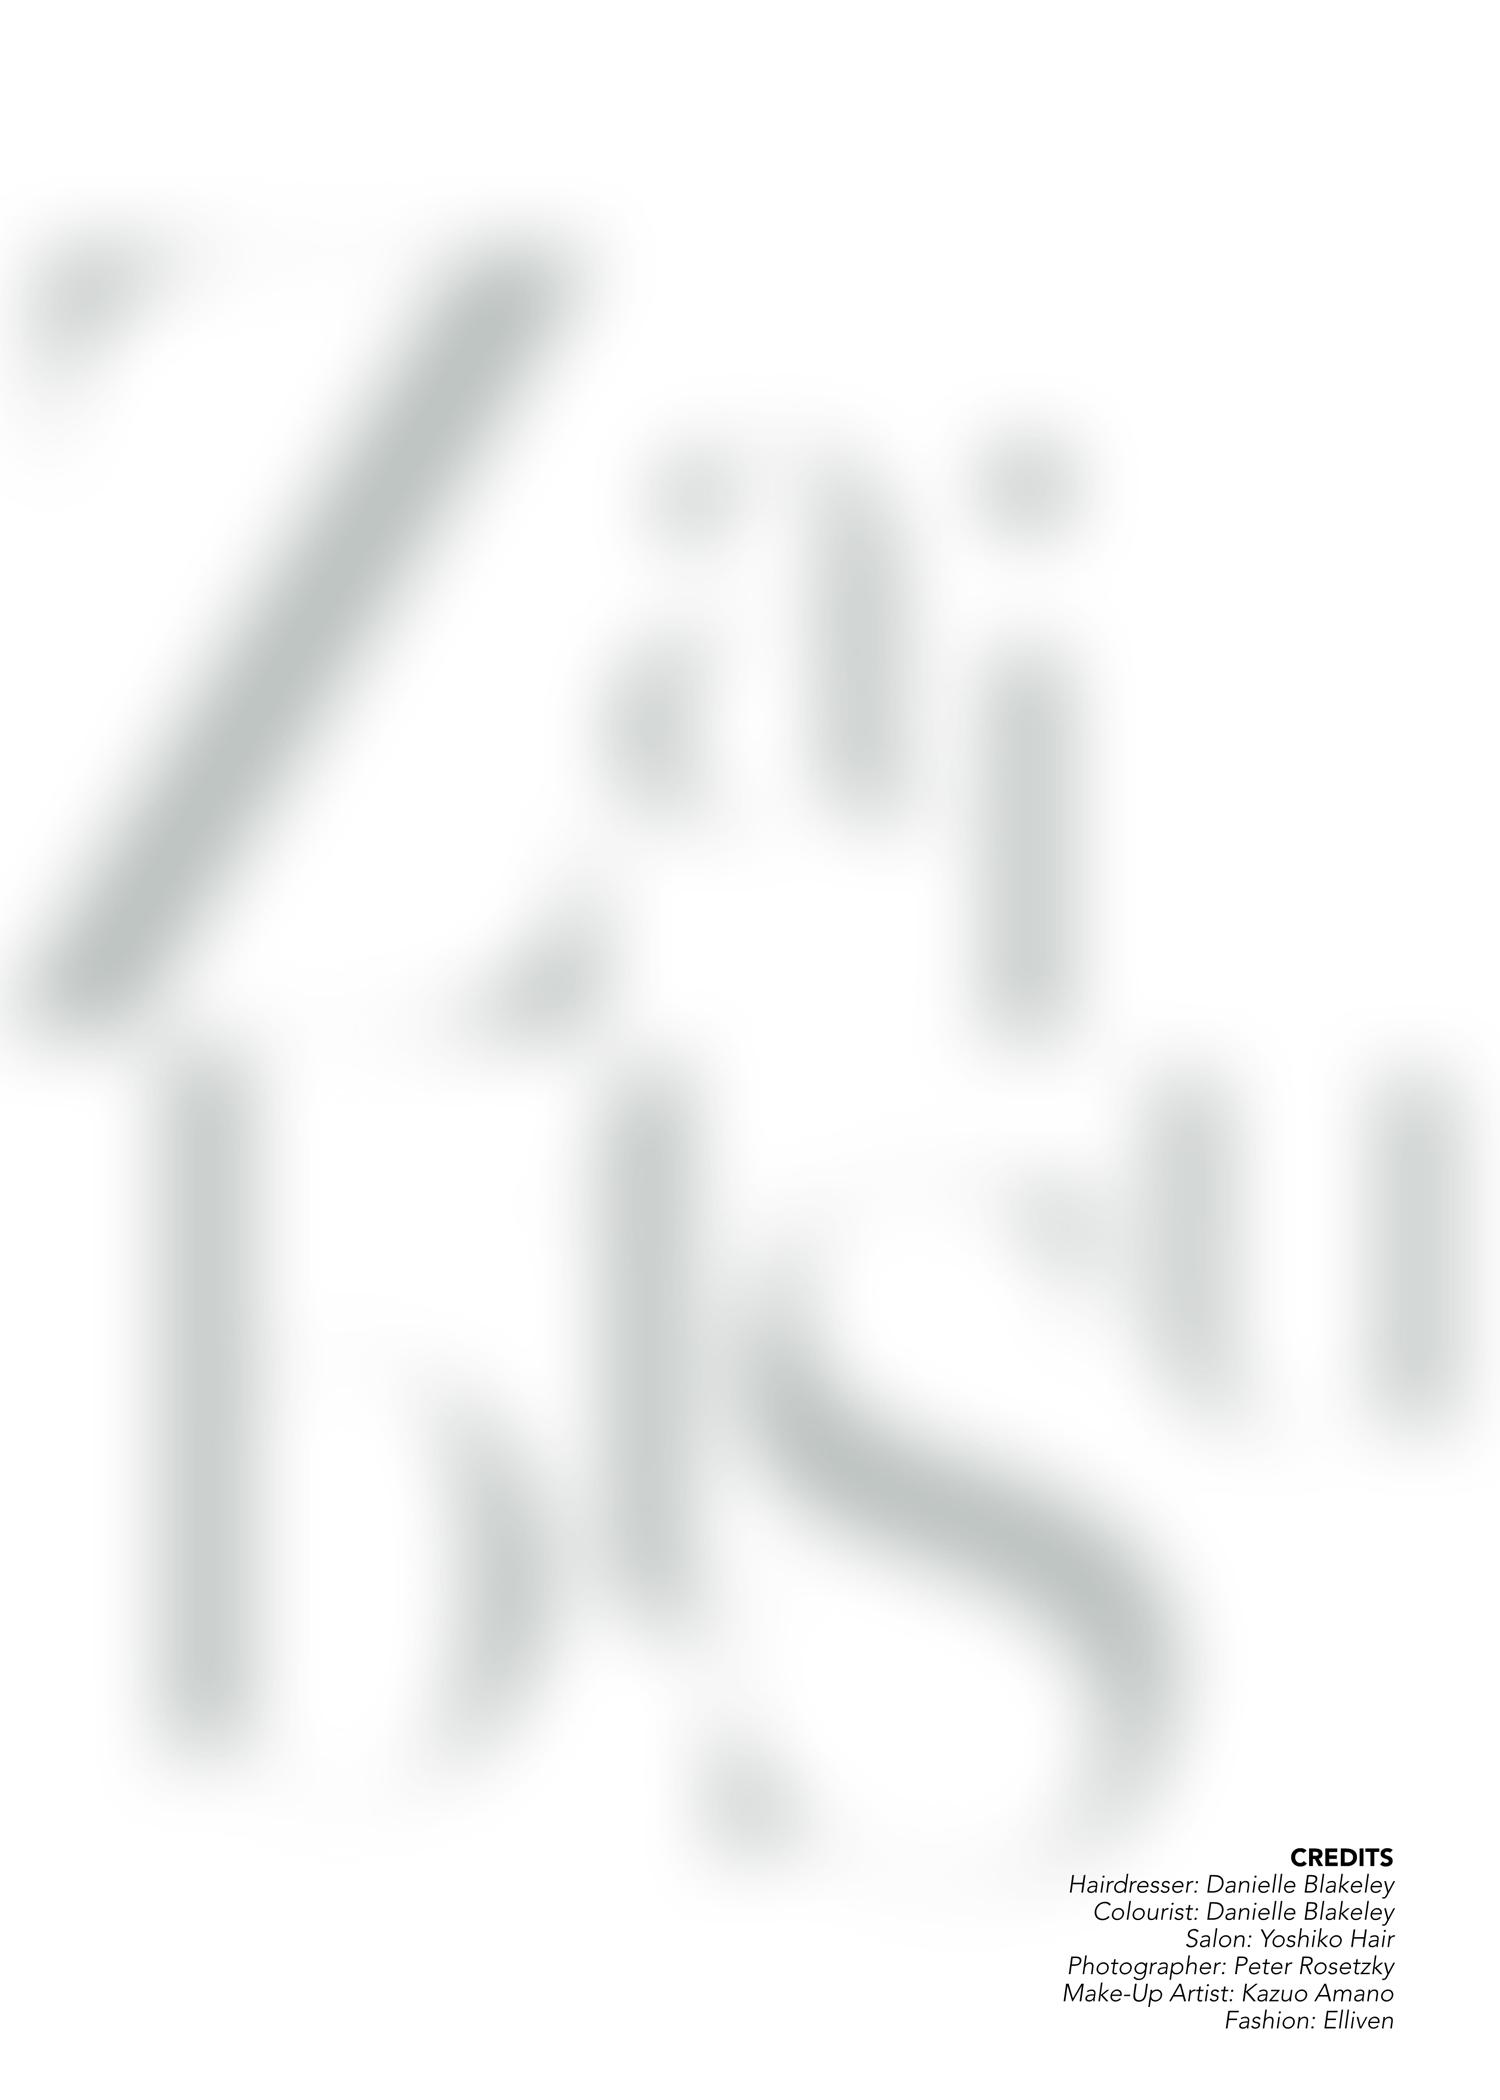 yoshikohair_stkilda_melbourne_hairdresser_hairsalon_fashion weekly17_11